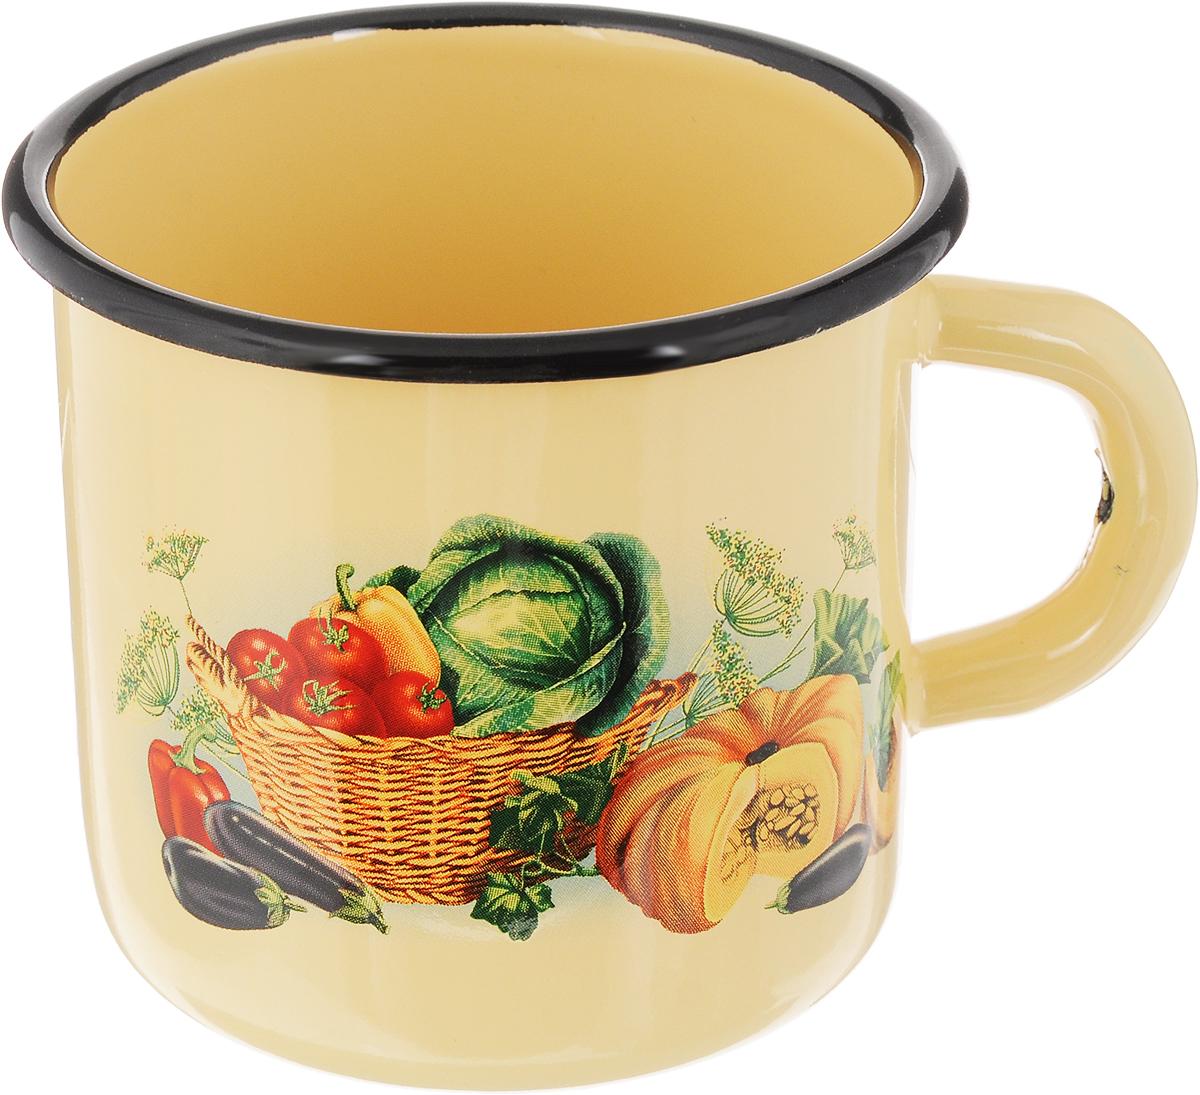 Кружка эмалированная СтальЭмаль Овощи, 400 мл1с2с_желтый, зеленый, красныйКружка СтальЭмаль Овощи изготовлена извысококачественной стали с эмалированнымпокрытием. Она оснащена удобной ручкой иукрашена ярким рисунком. Такая кружка нетребует особого ухода, и ее легко мыть. Изделие прекрасно подходит для подогревамолока и многого другого. Диаметр кружки (по верхнему краю): 9 см.Высота кружки: 8 см.Уважаемые клиенты!Обращаем ваше внимание на изменения в дизайне товара. Поставка осуществляется в зависимости от наличия на складе.